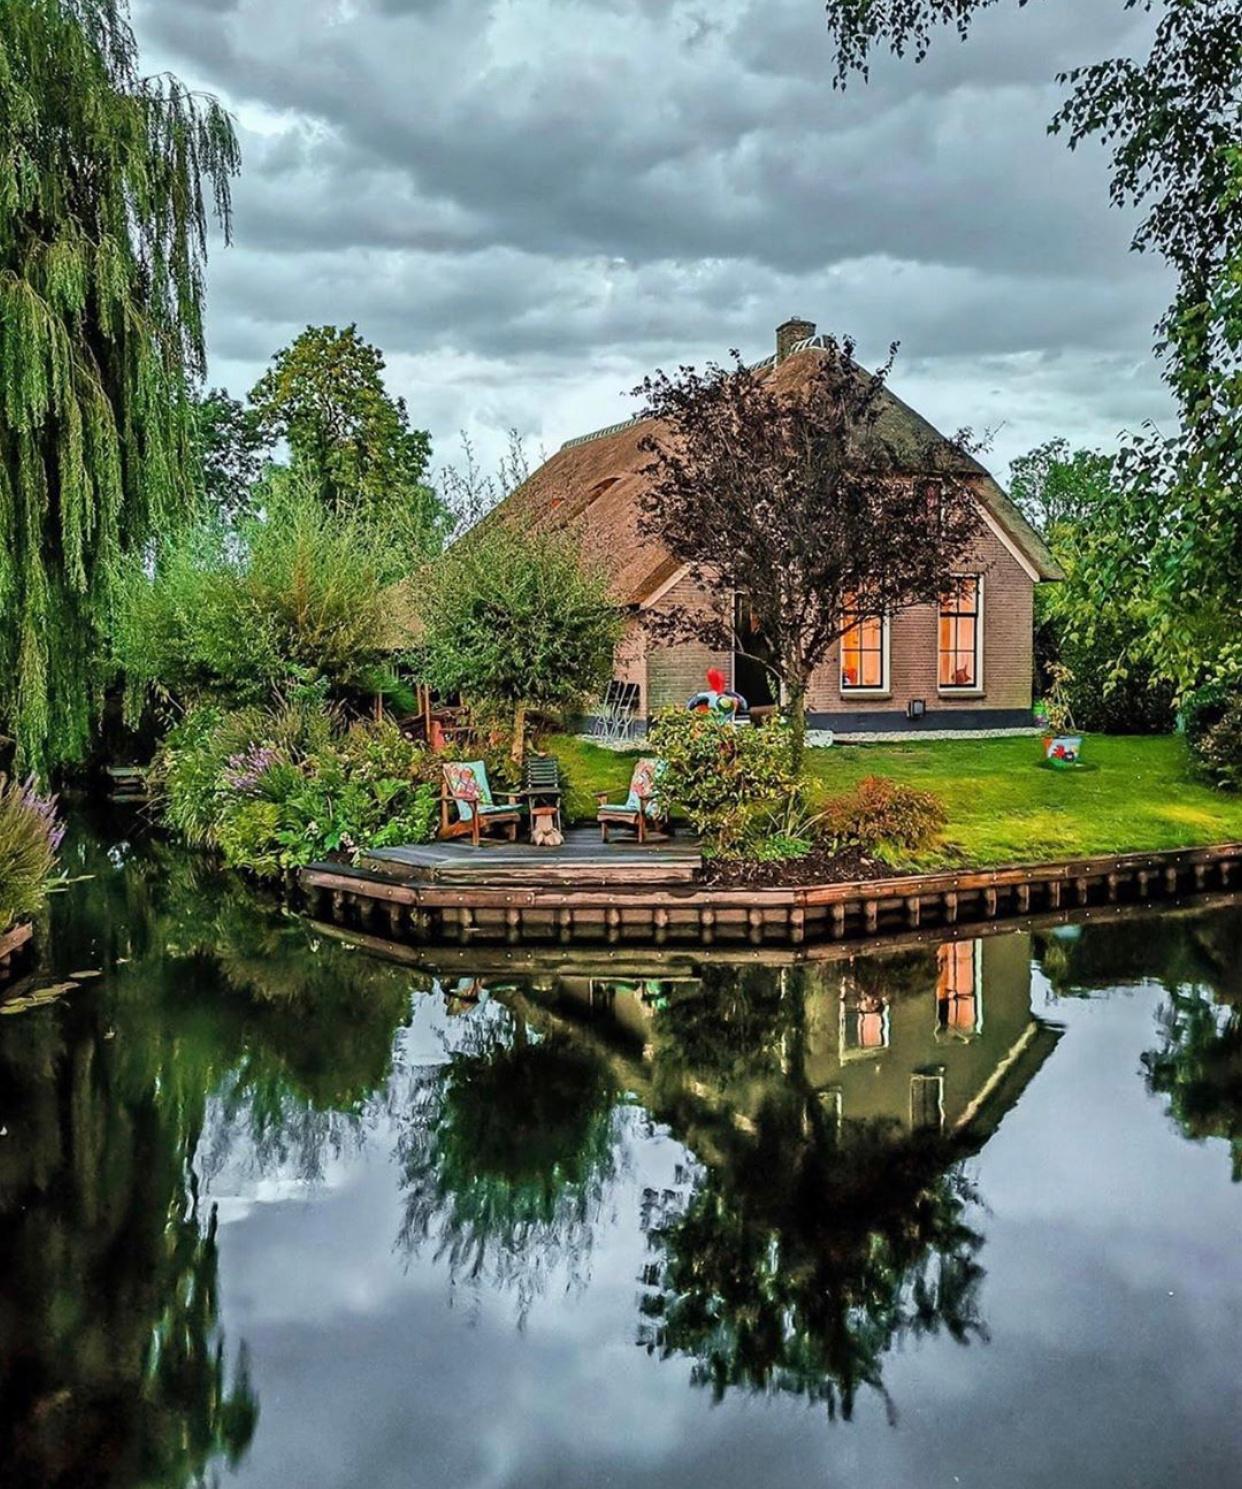 荷兰小镇的悠然时光。